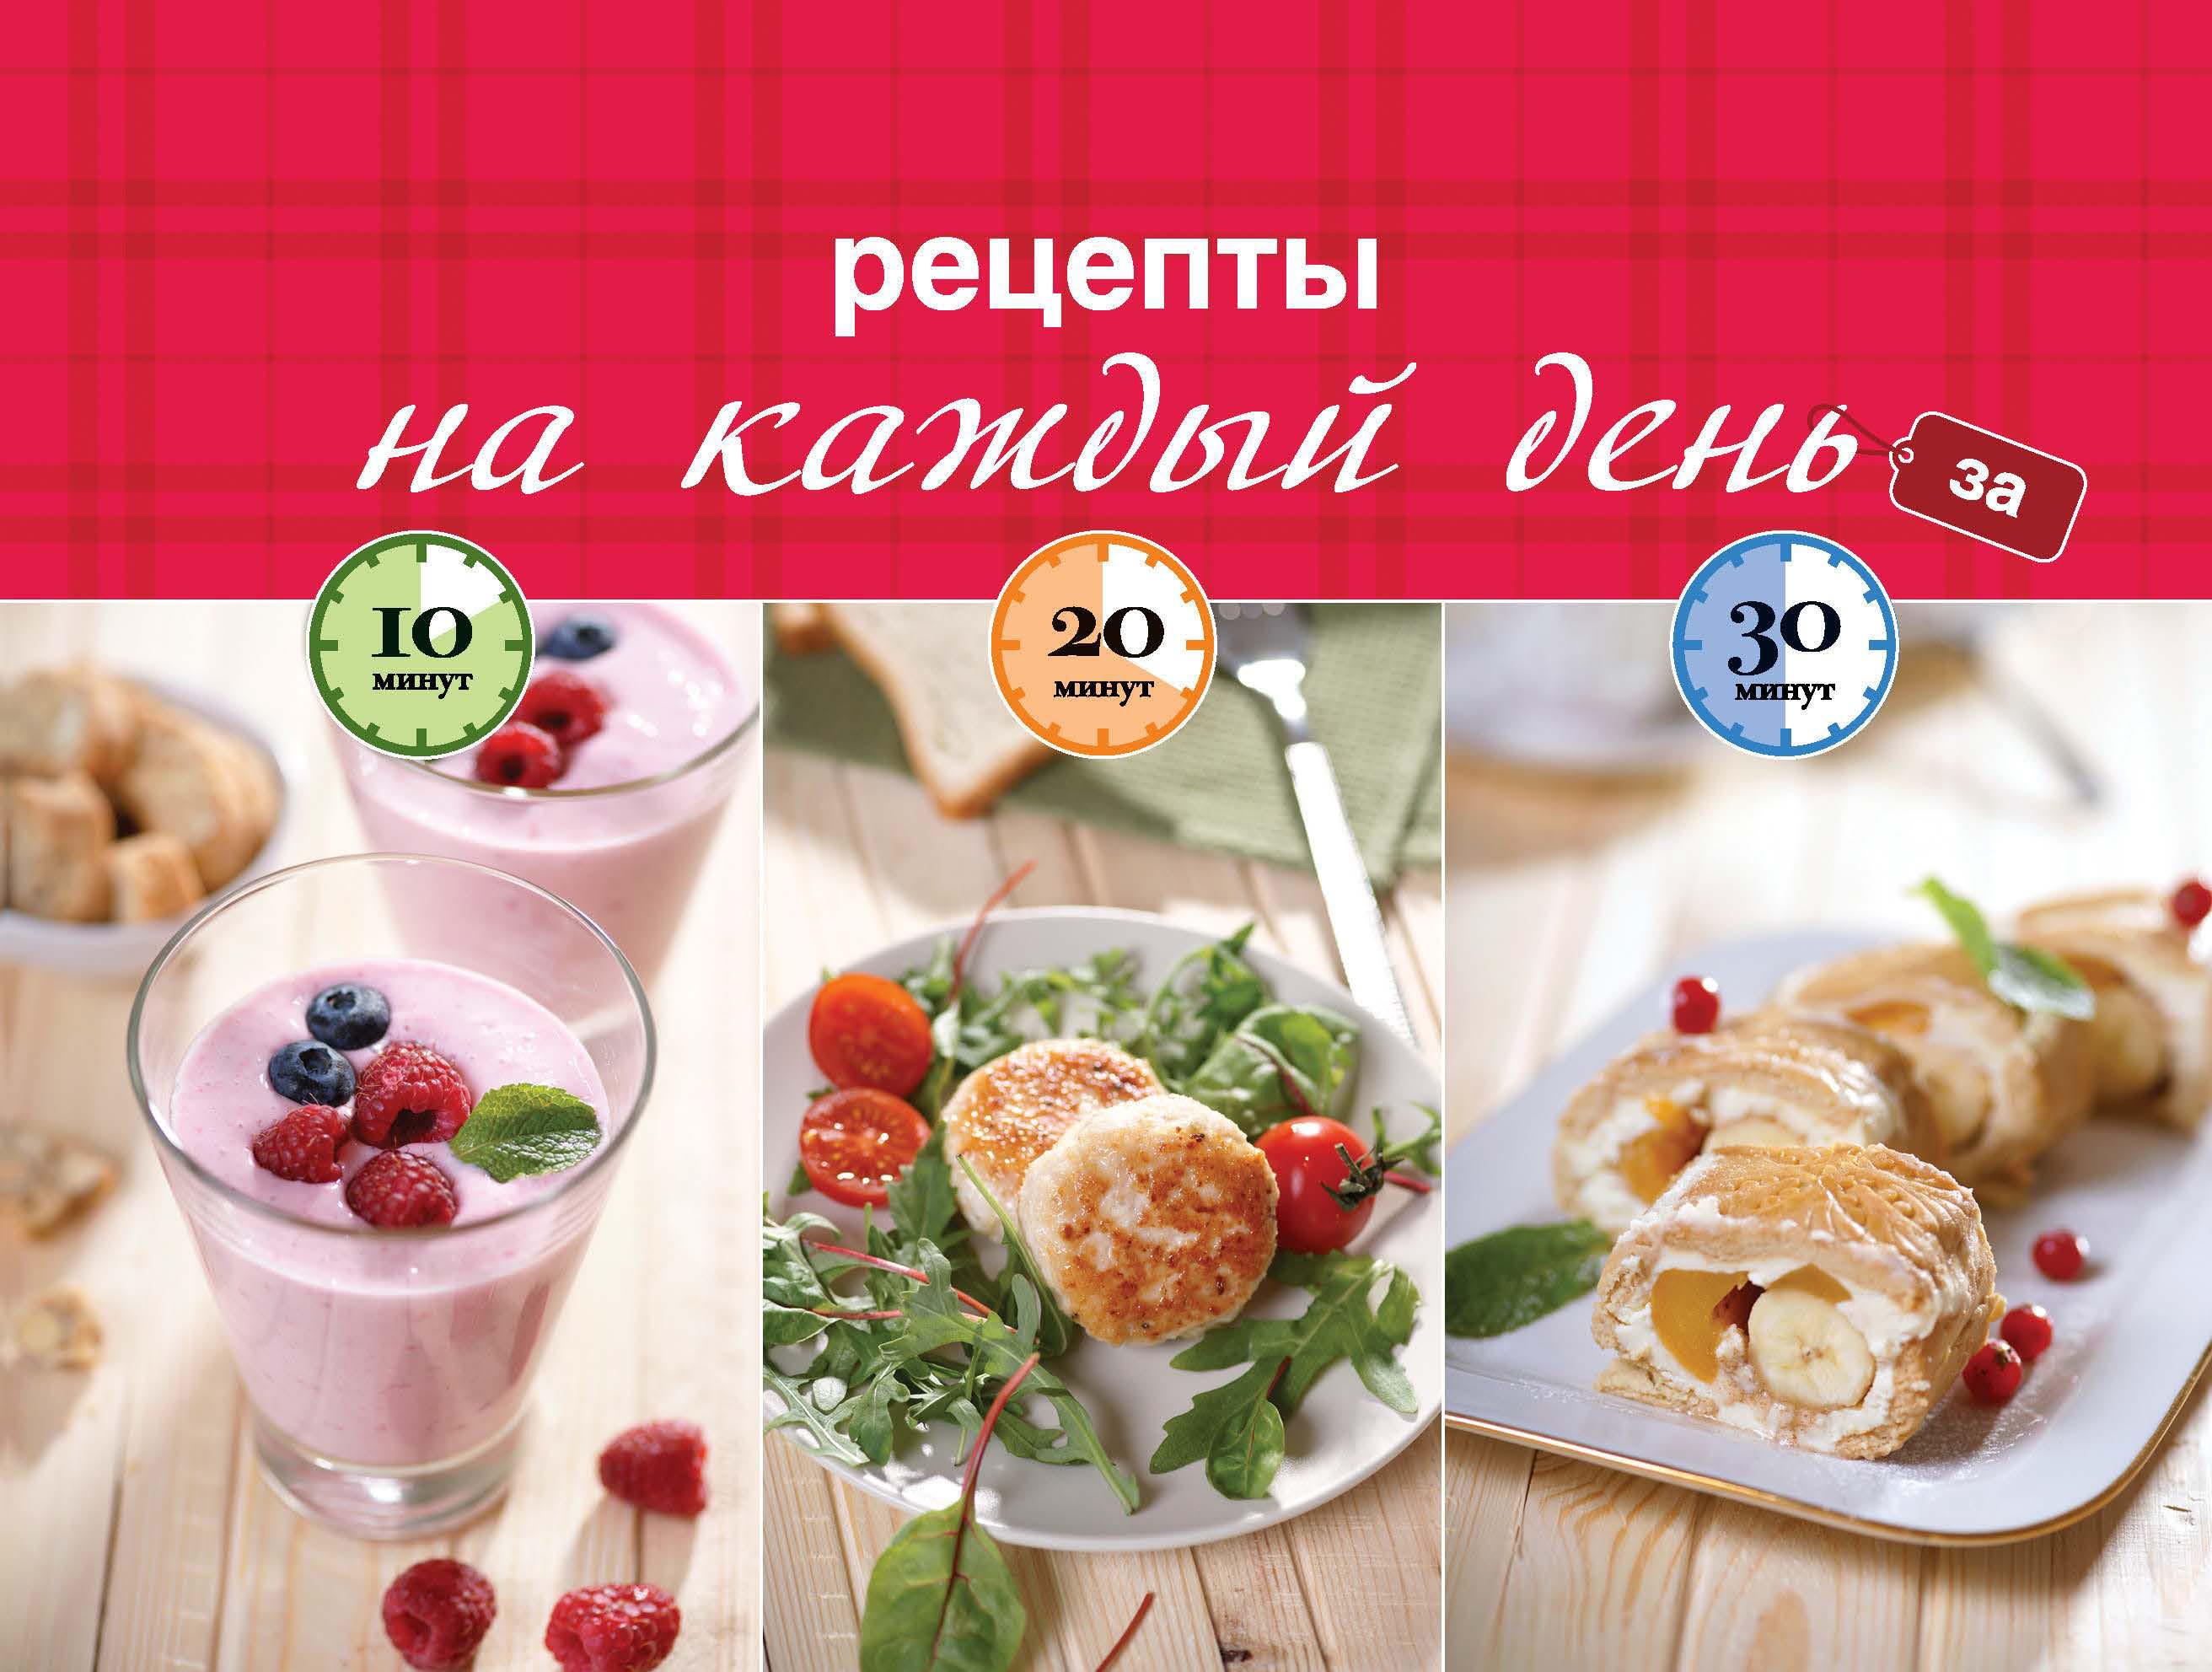 Отсутствует Рецепты на каждый день за 10, 20, 30 минут братушева а рецепты на каждый день за 10 20 30 минут